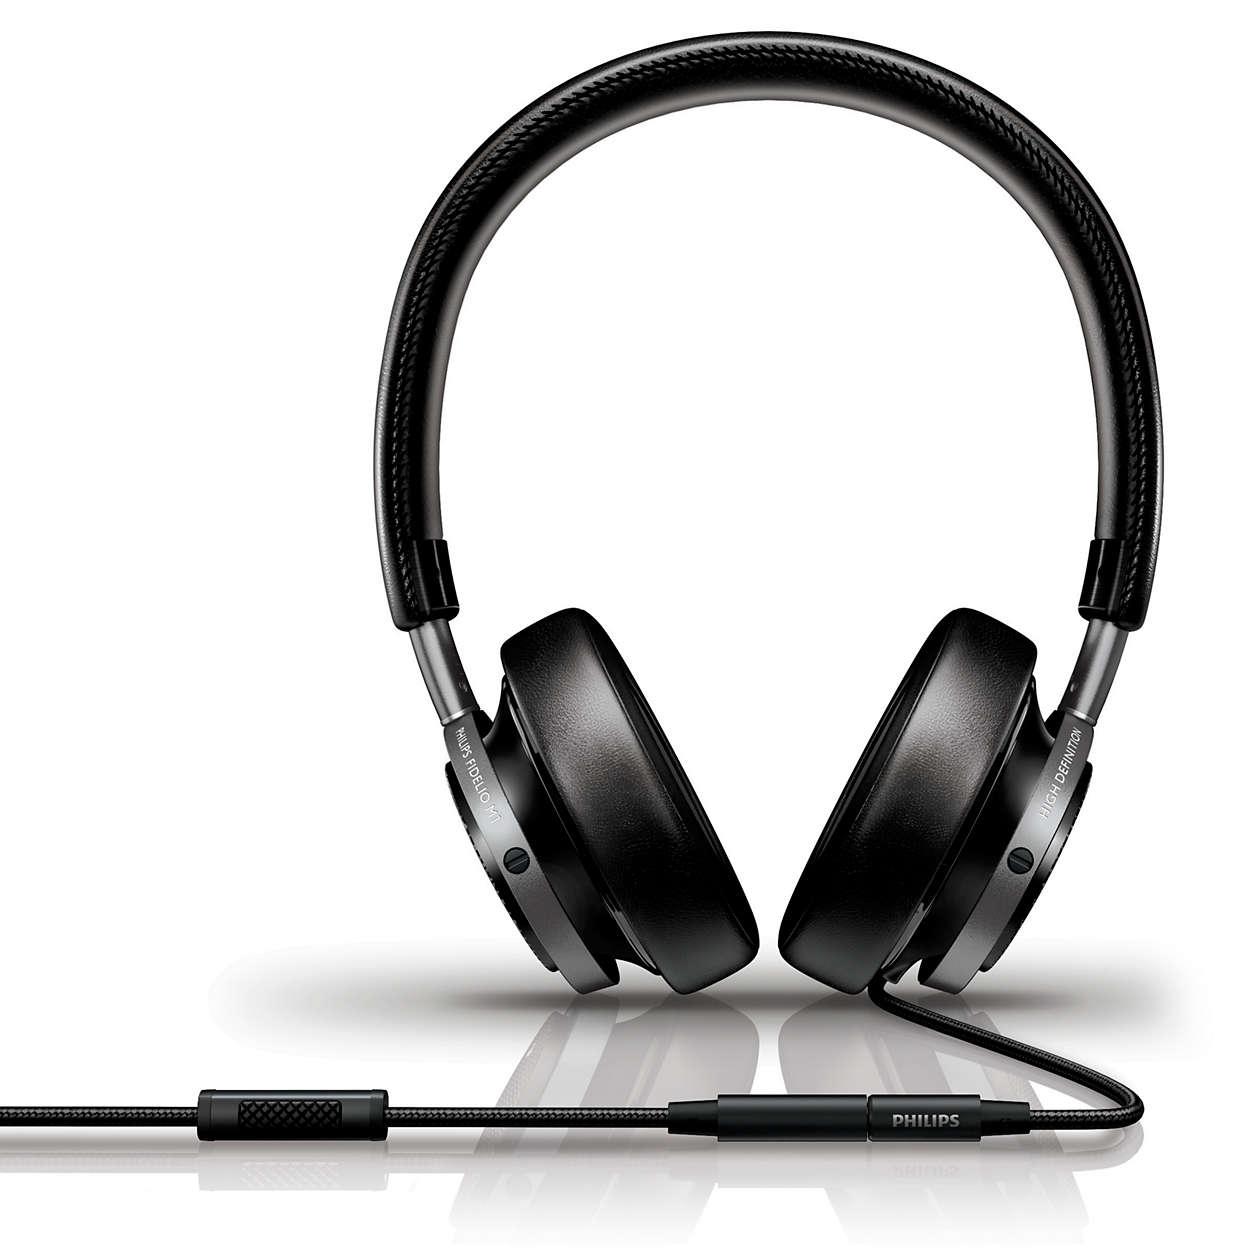 คุณภาพเสียงระดับ Hi-fi ทุกที่ที่ต้องการ